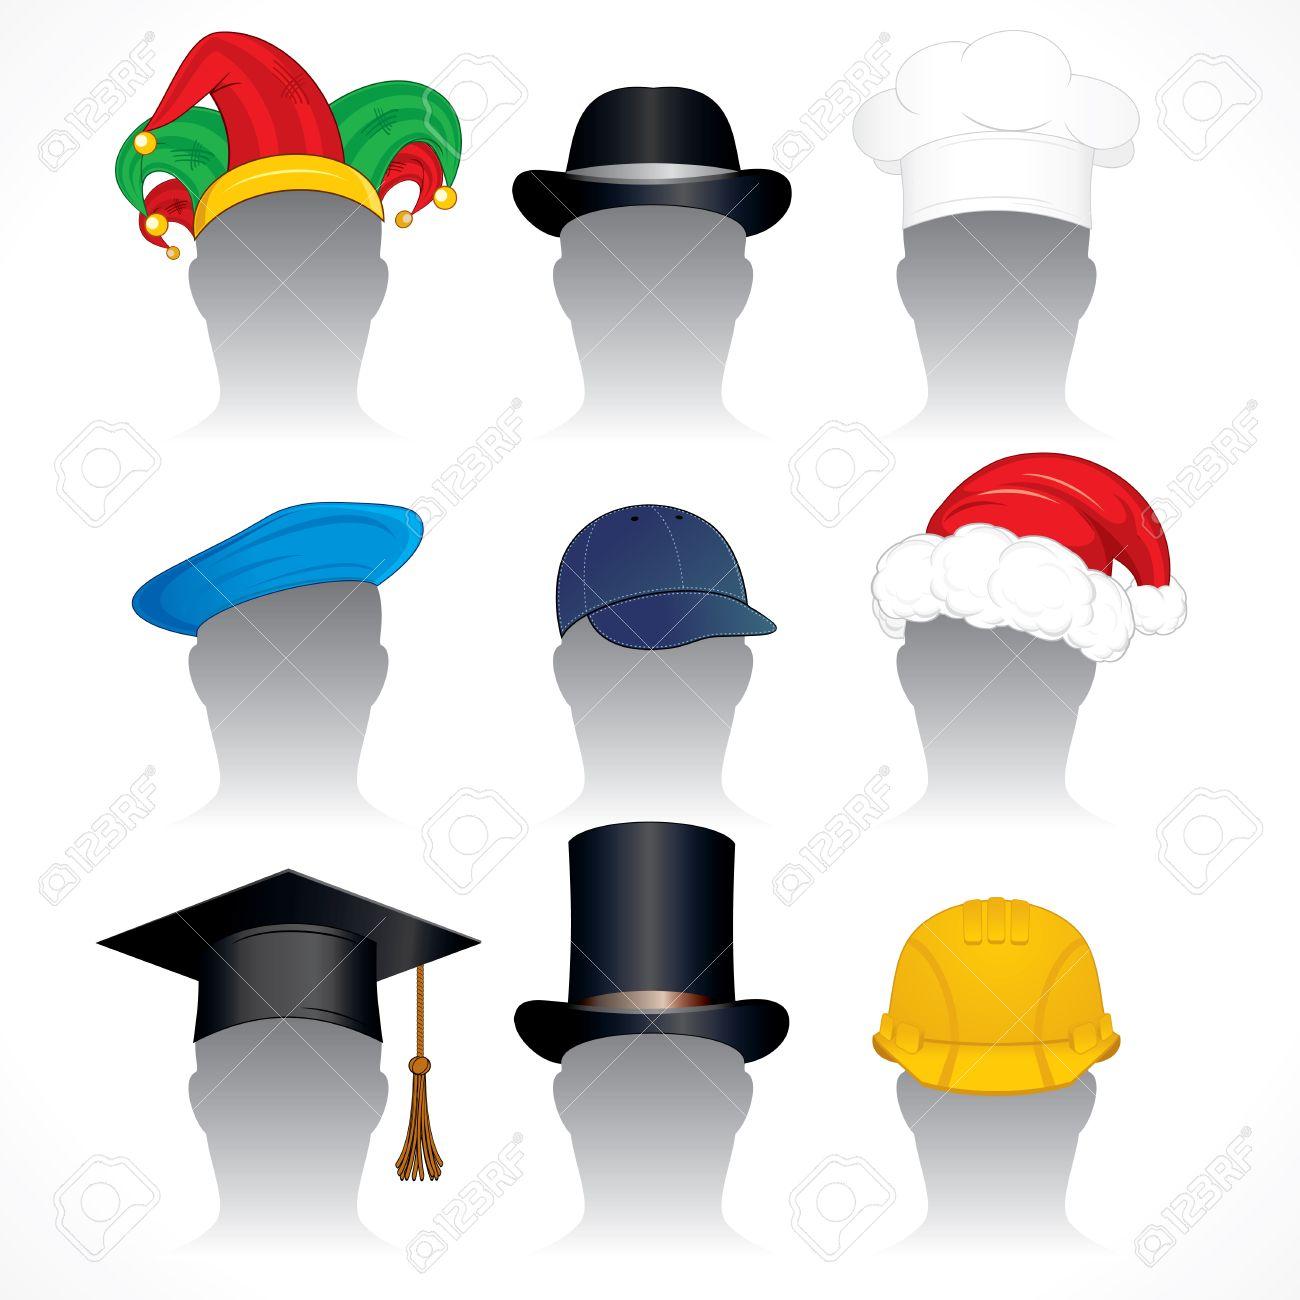 帽子クリップ アート 様々 な帽子および帽子の詳細なベクトル イラスト集